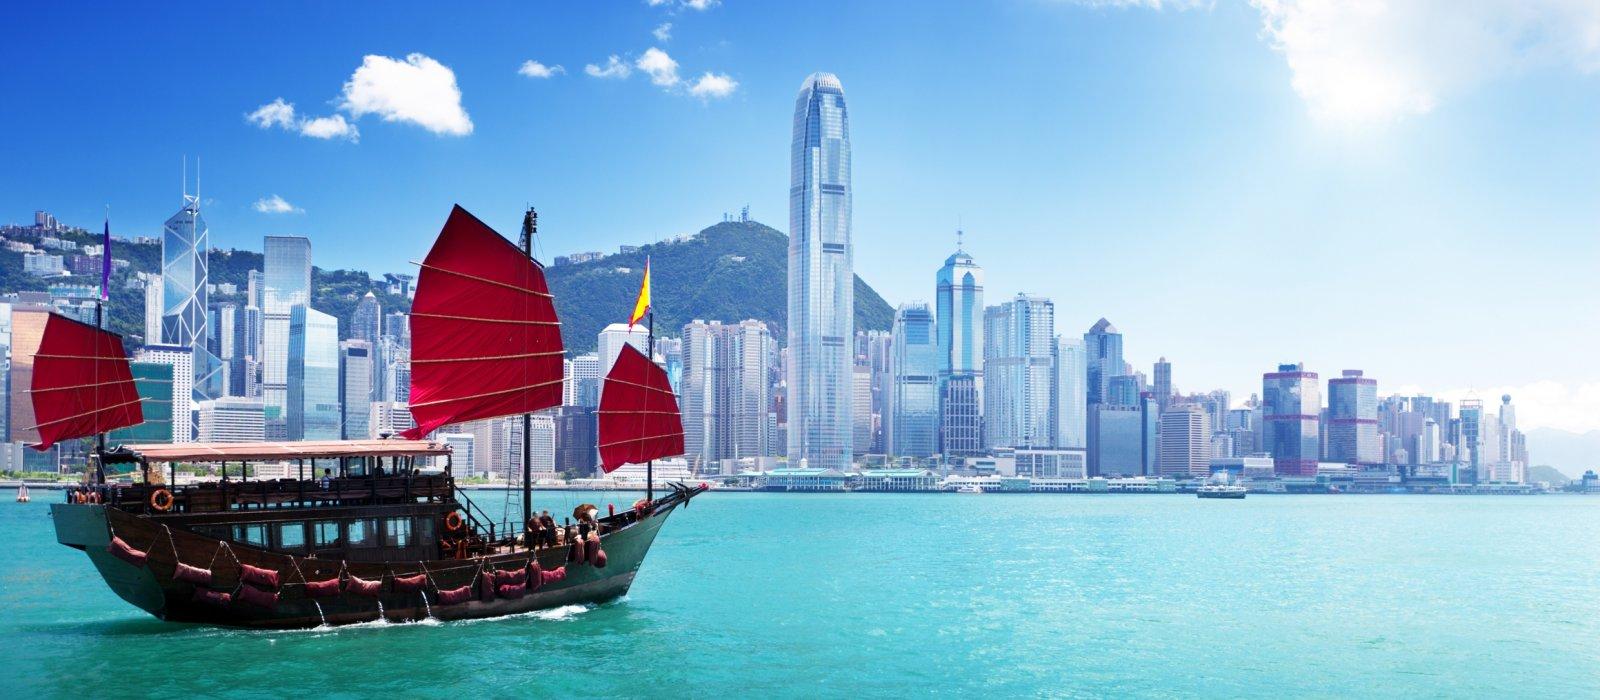 Hong Kong, Shenzhen & Macau